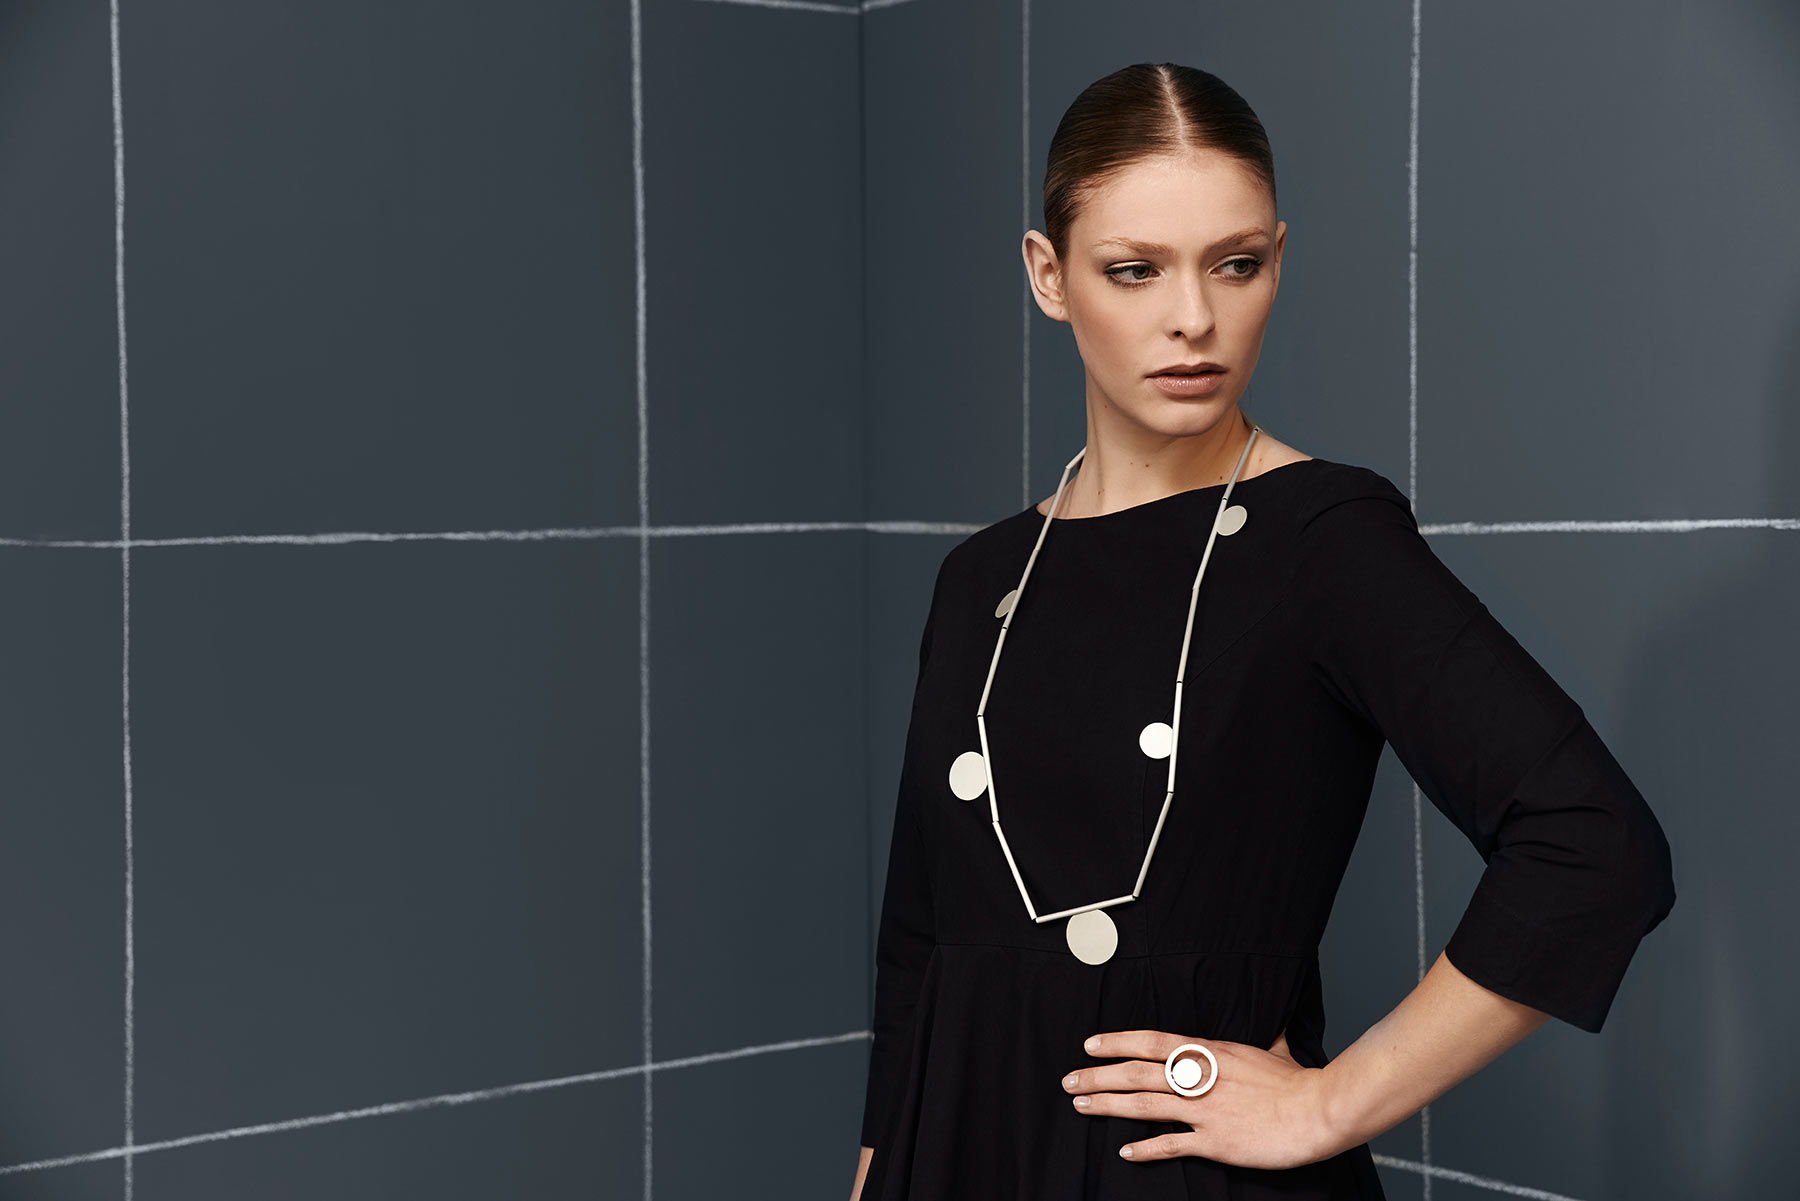 Sofia Beilharz 2014.03.06-people-jewellery-beilharz4493